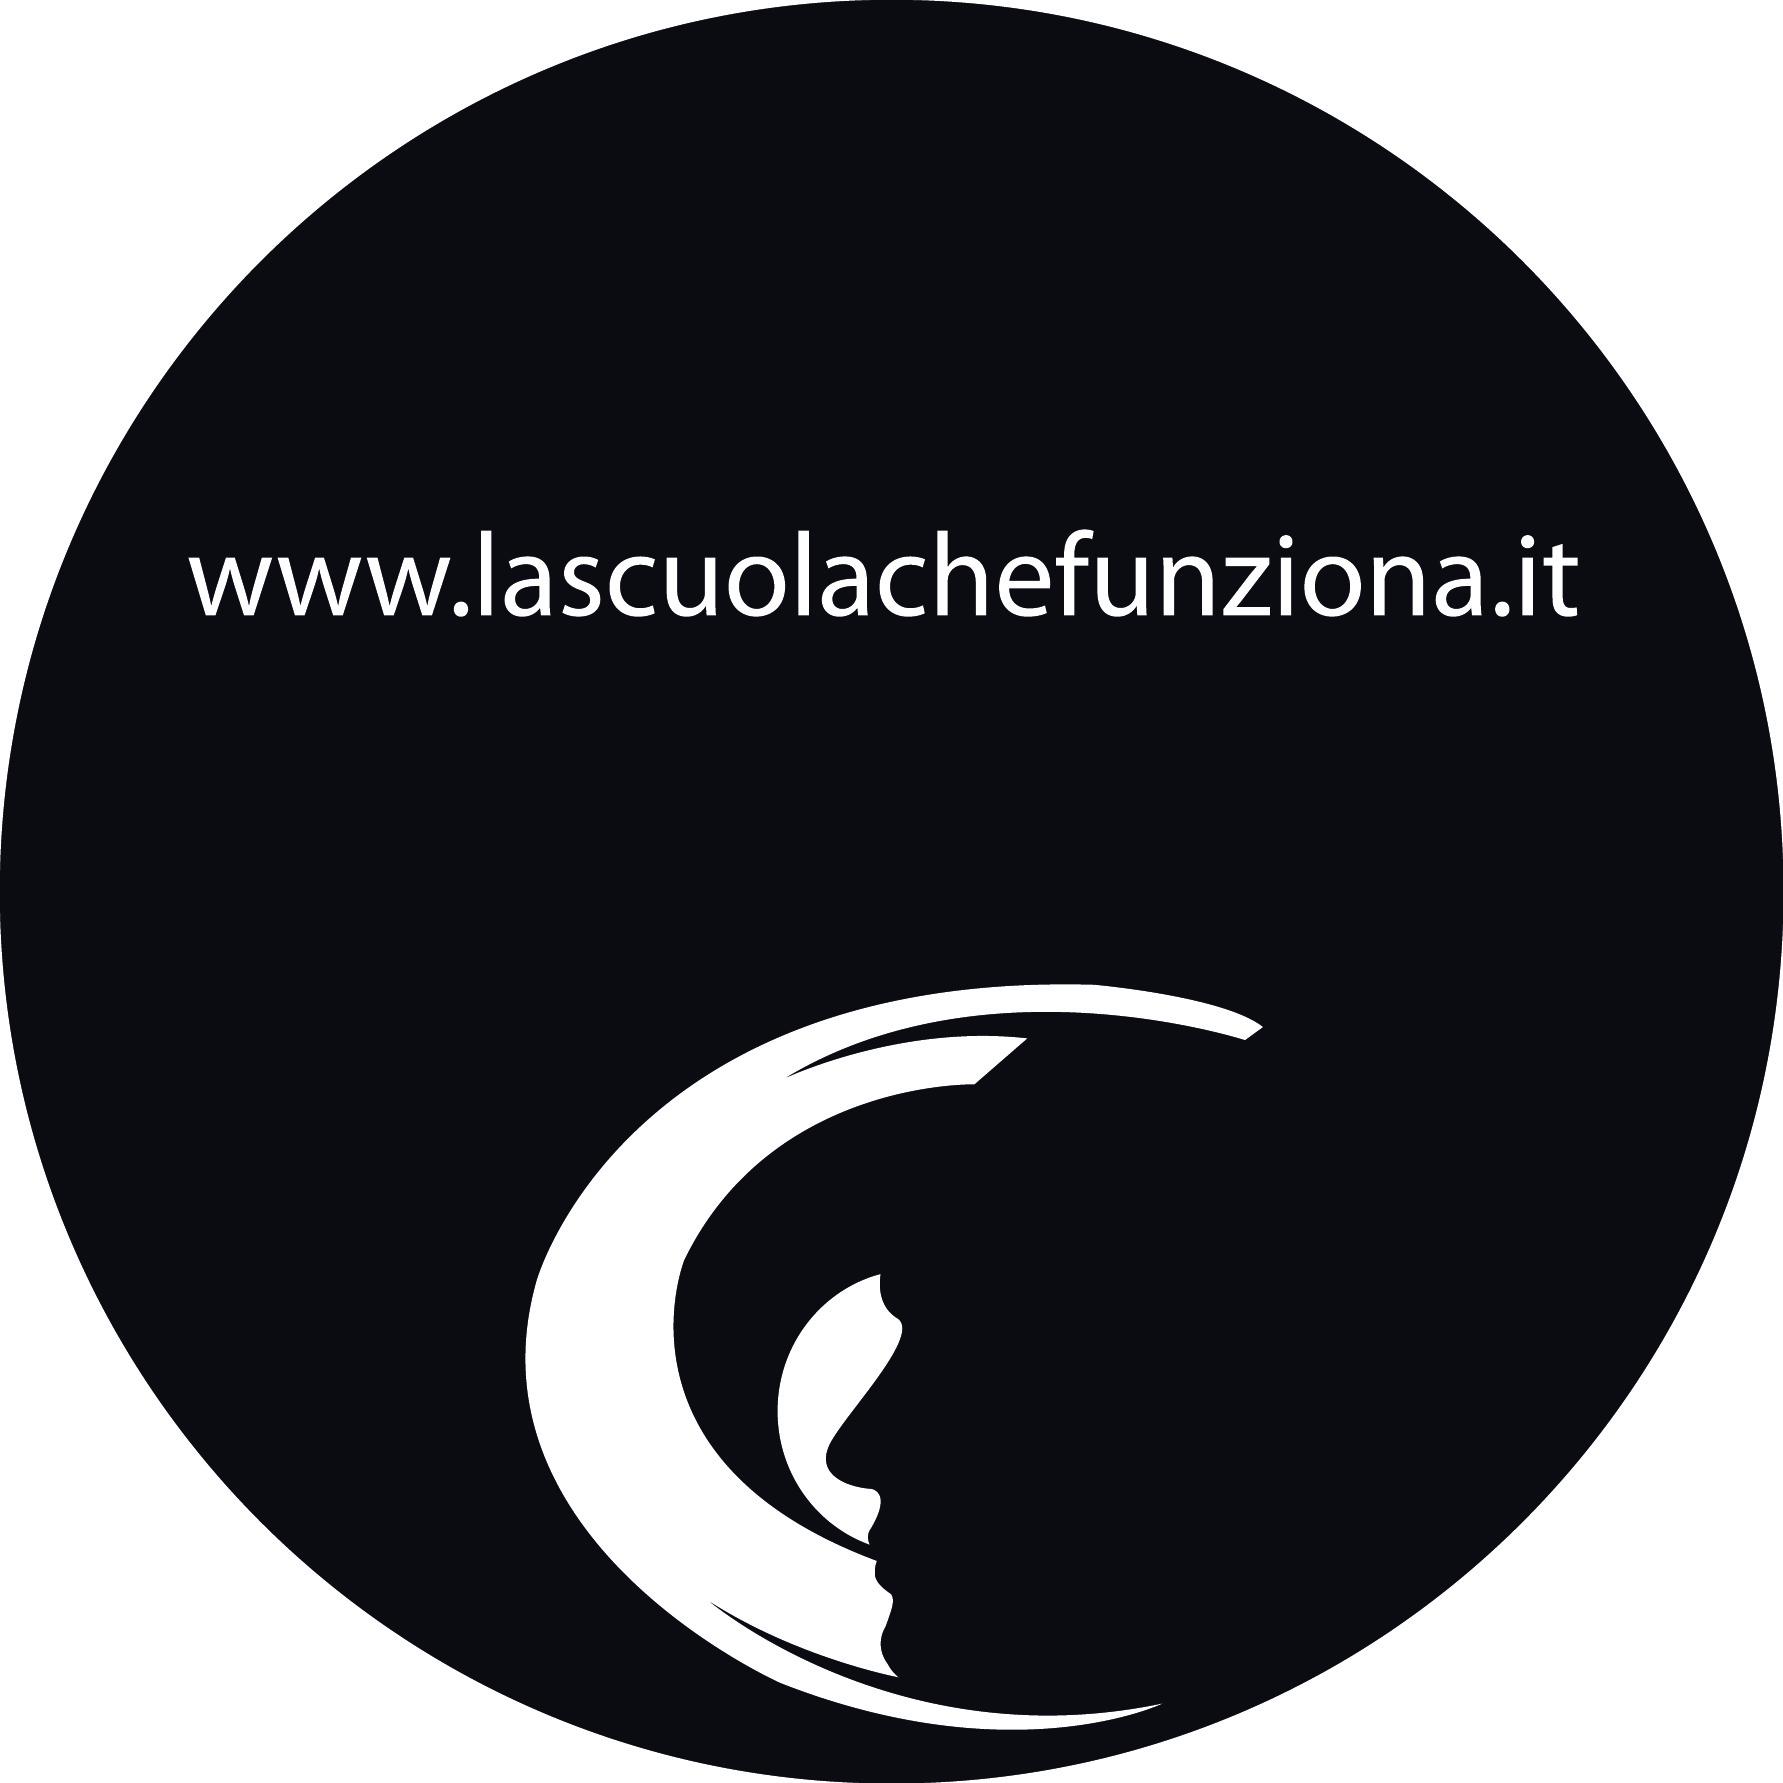 spilla_www_it ritracciato